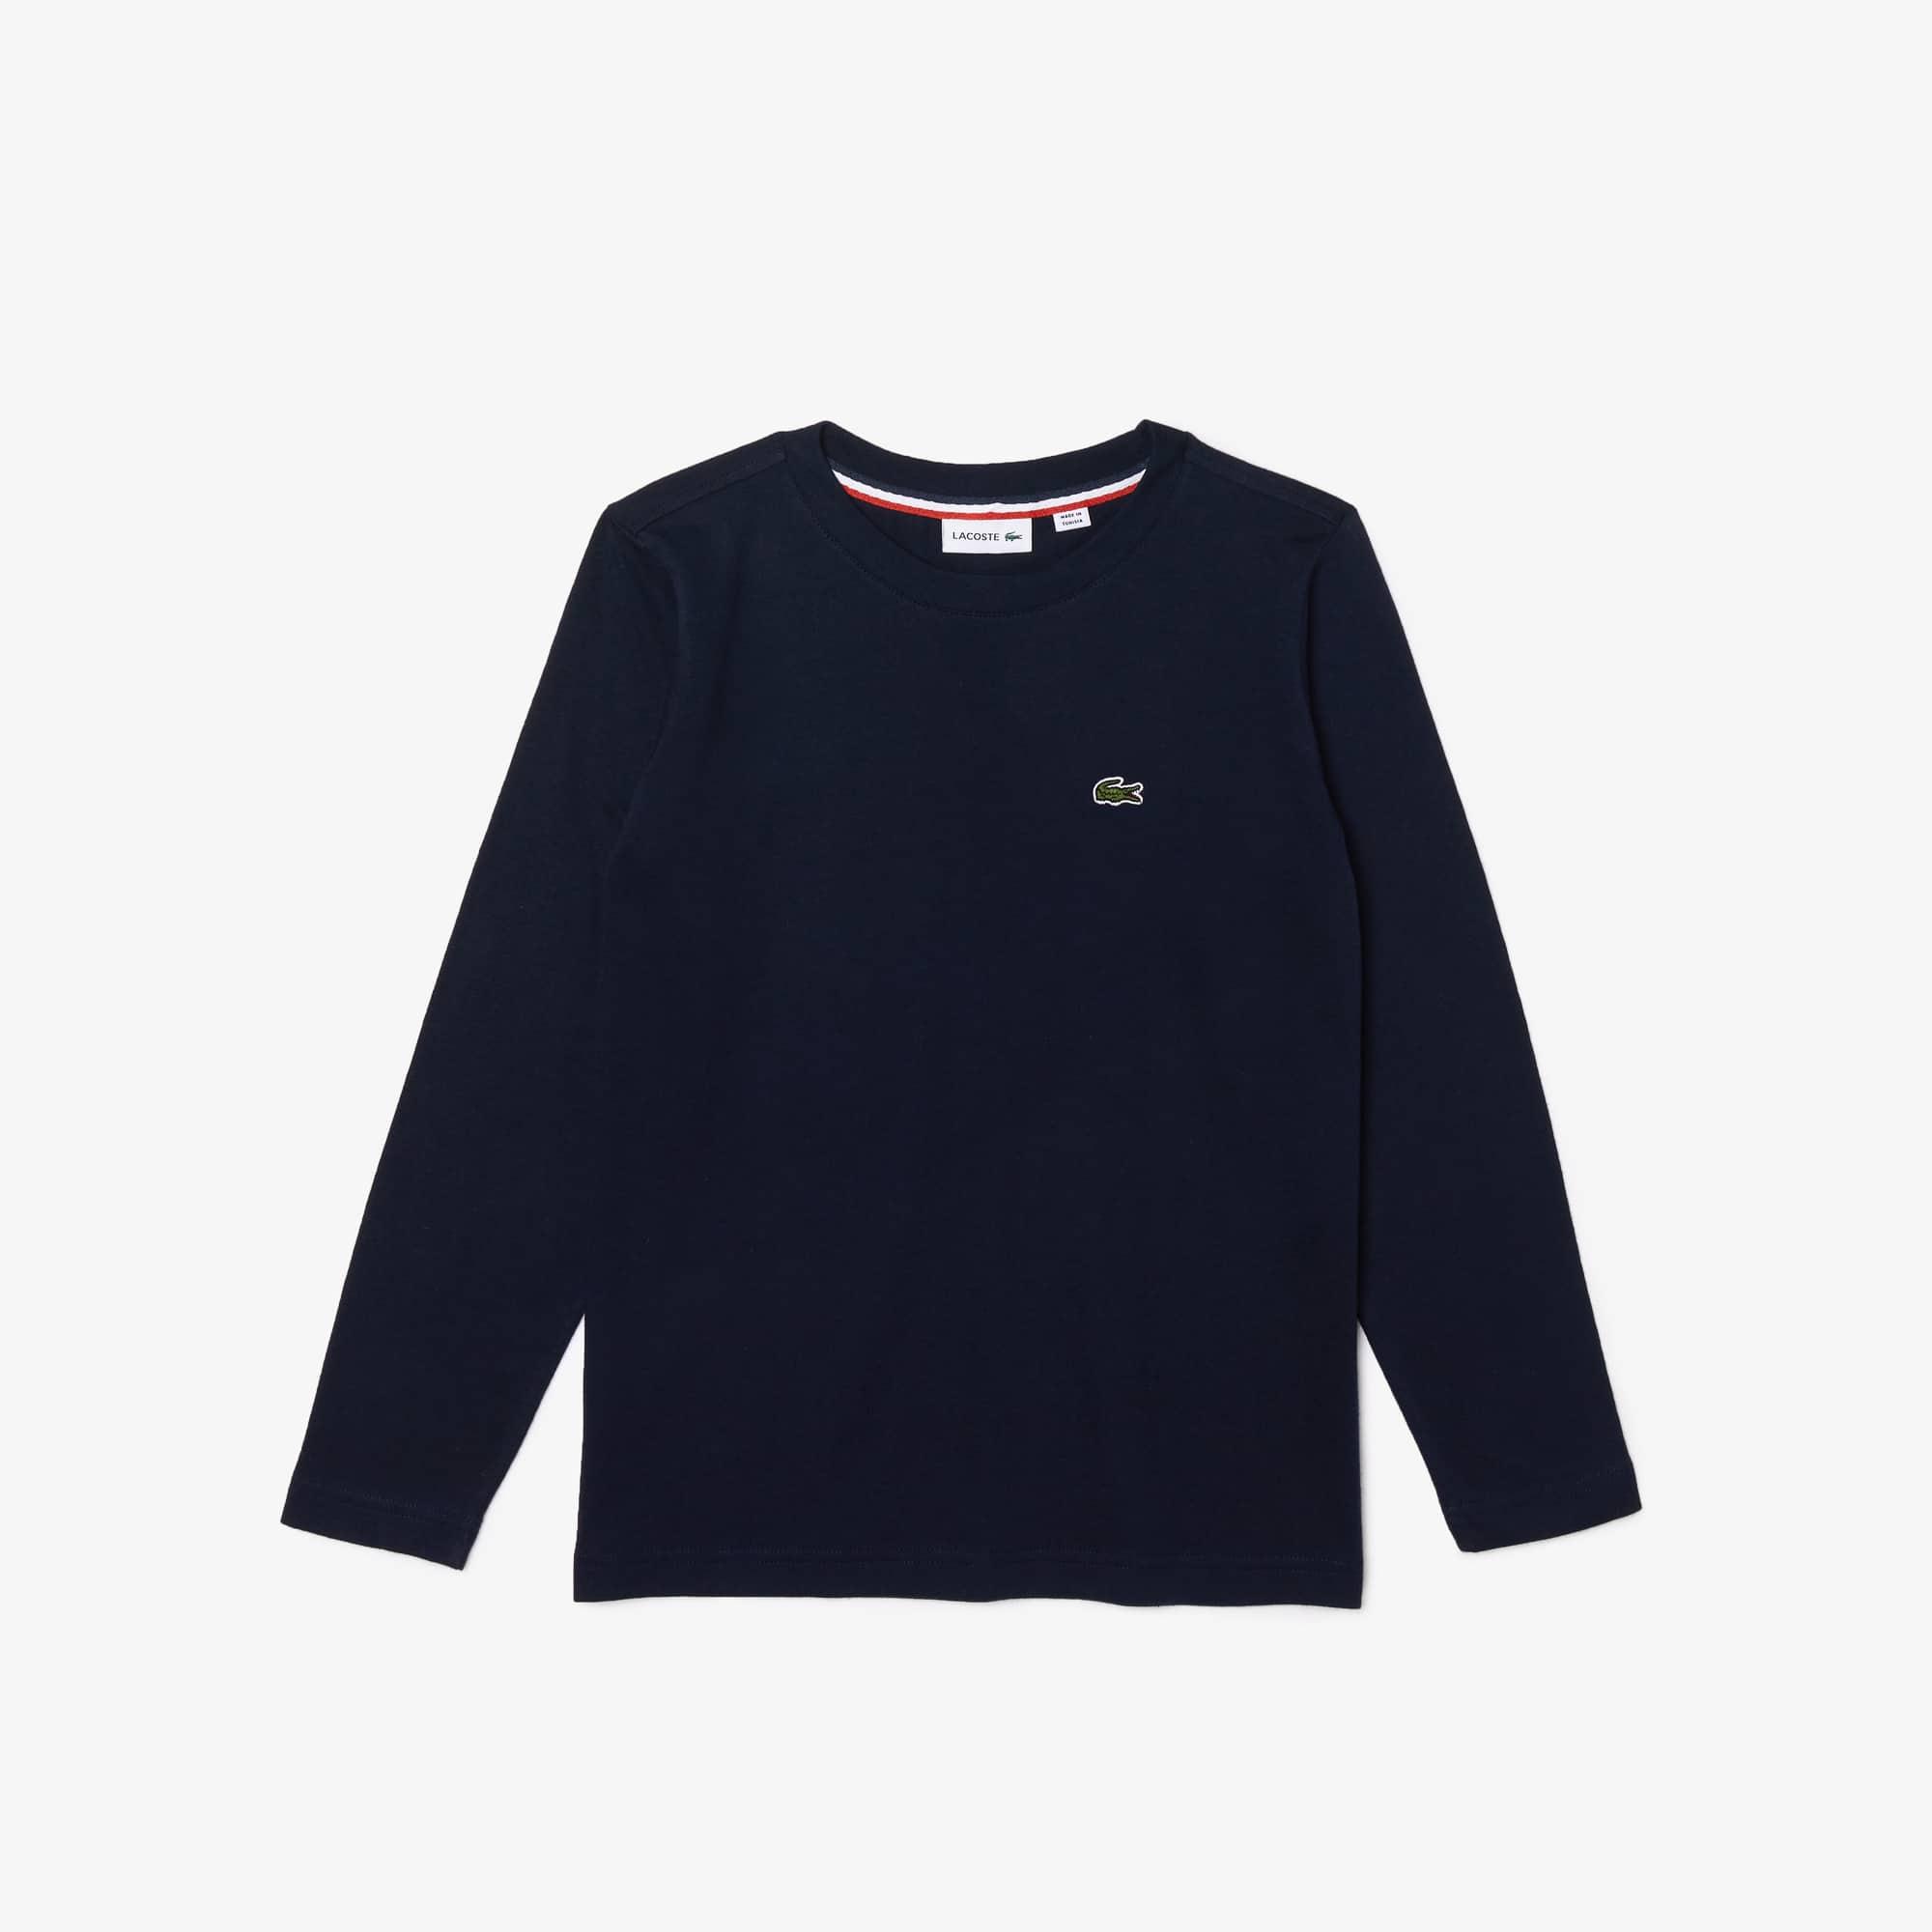 T-shirt Garçon col rond à manches longues en jersey uni